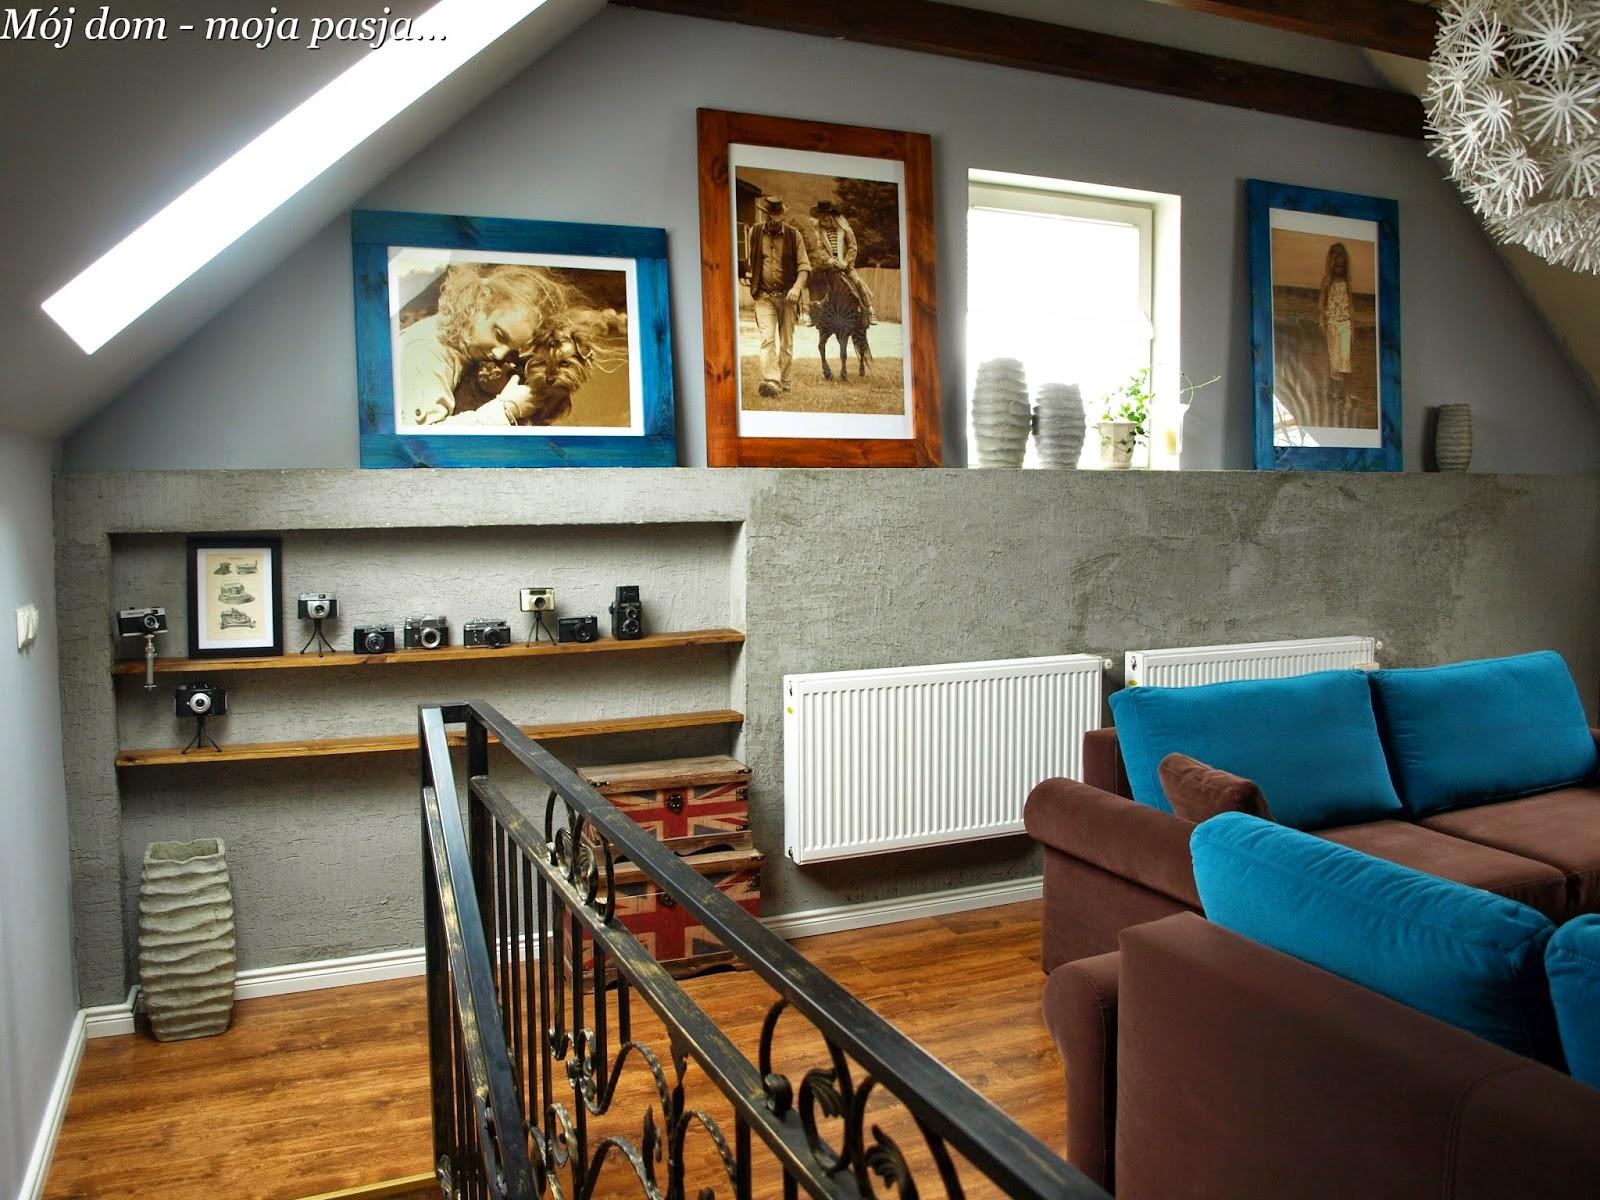 mój dom moja pasja, beton, loft, industrial, dekoratornia